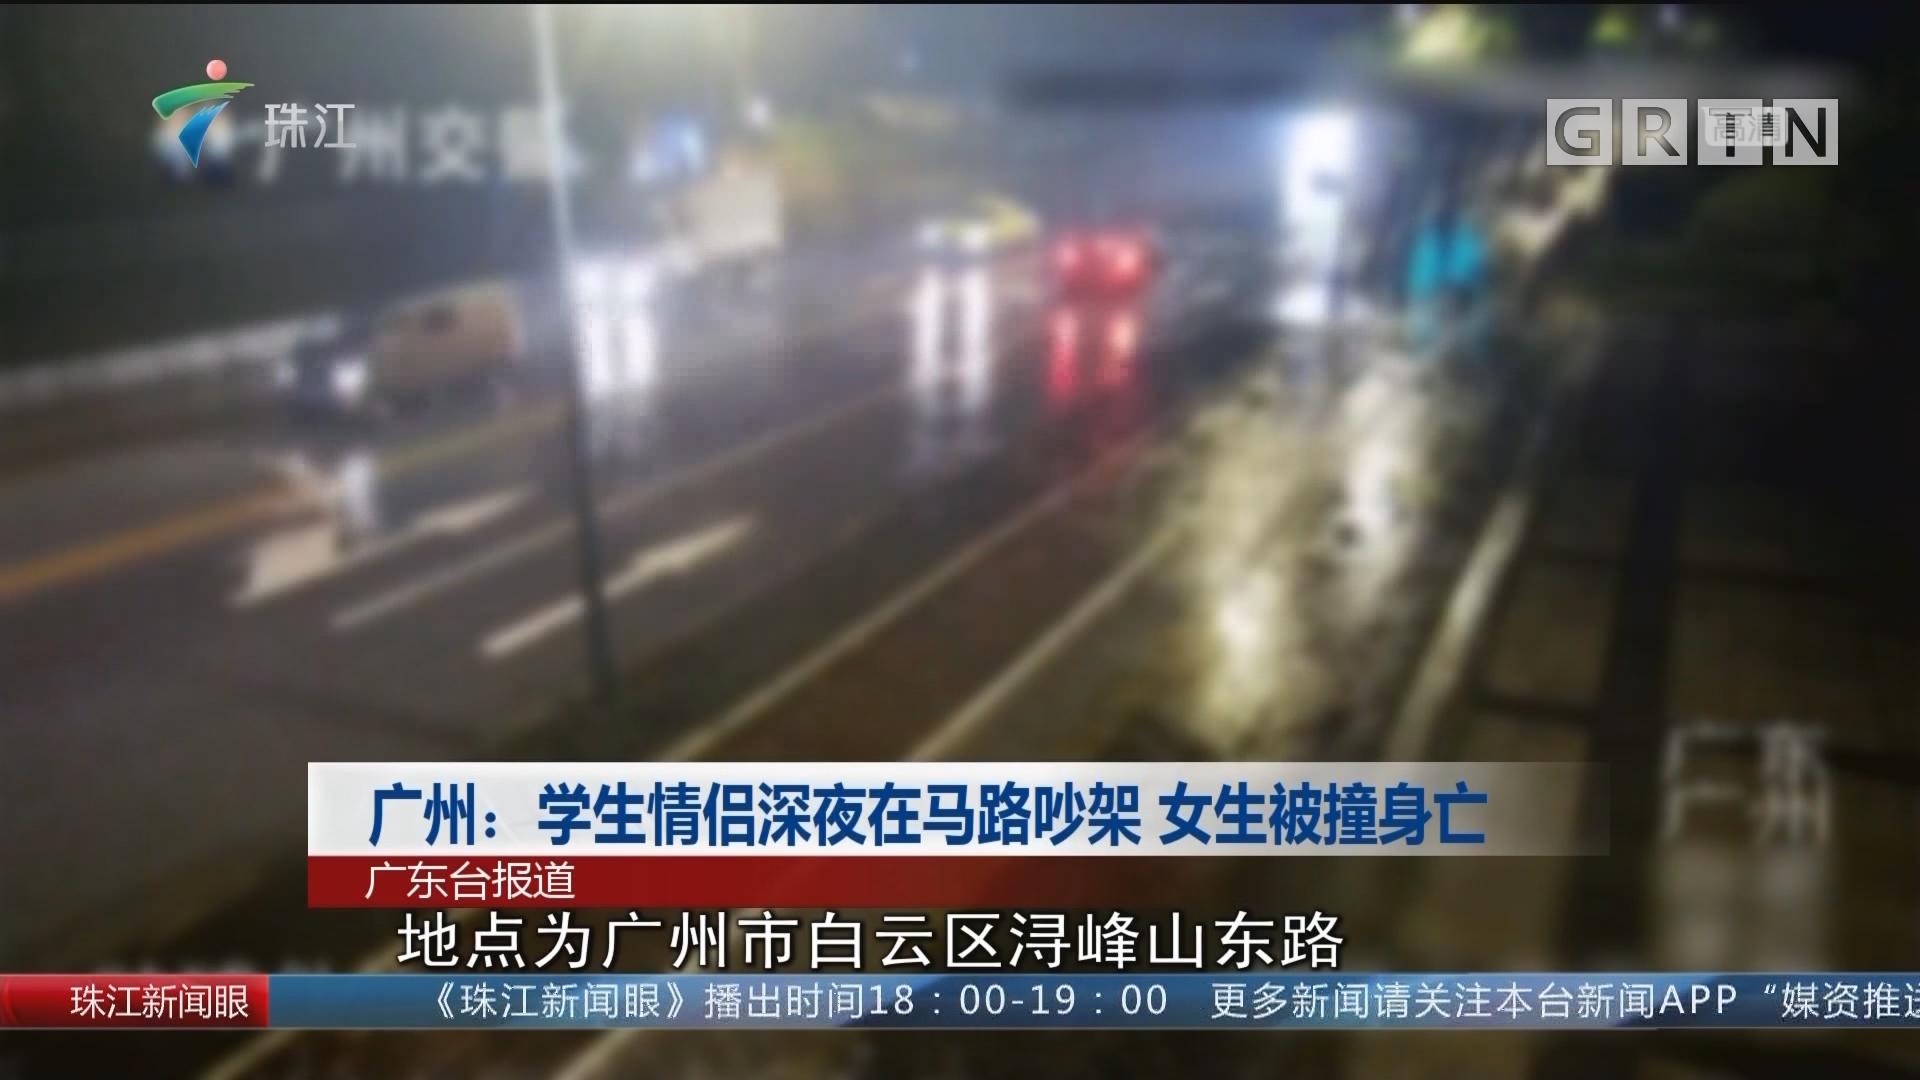 广州:学生情侣深夜在马路吵架 女生被撞身亡